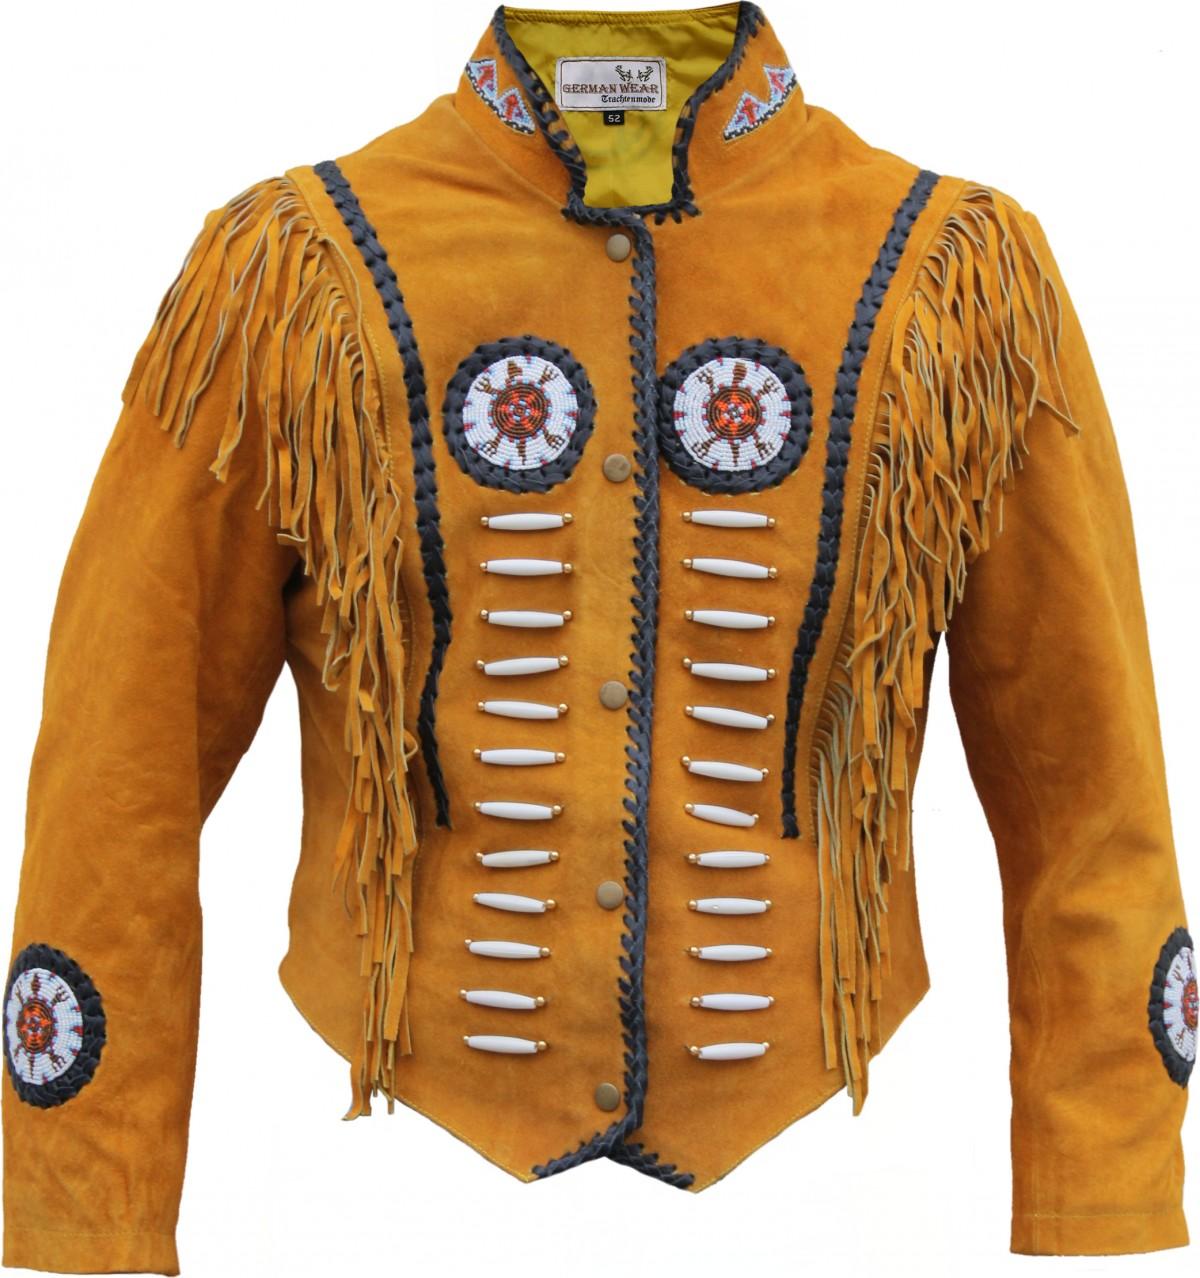 German Wear, Western Lederjacke Indianer Tracht Westernjacke Reiter Jacke Ocker